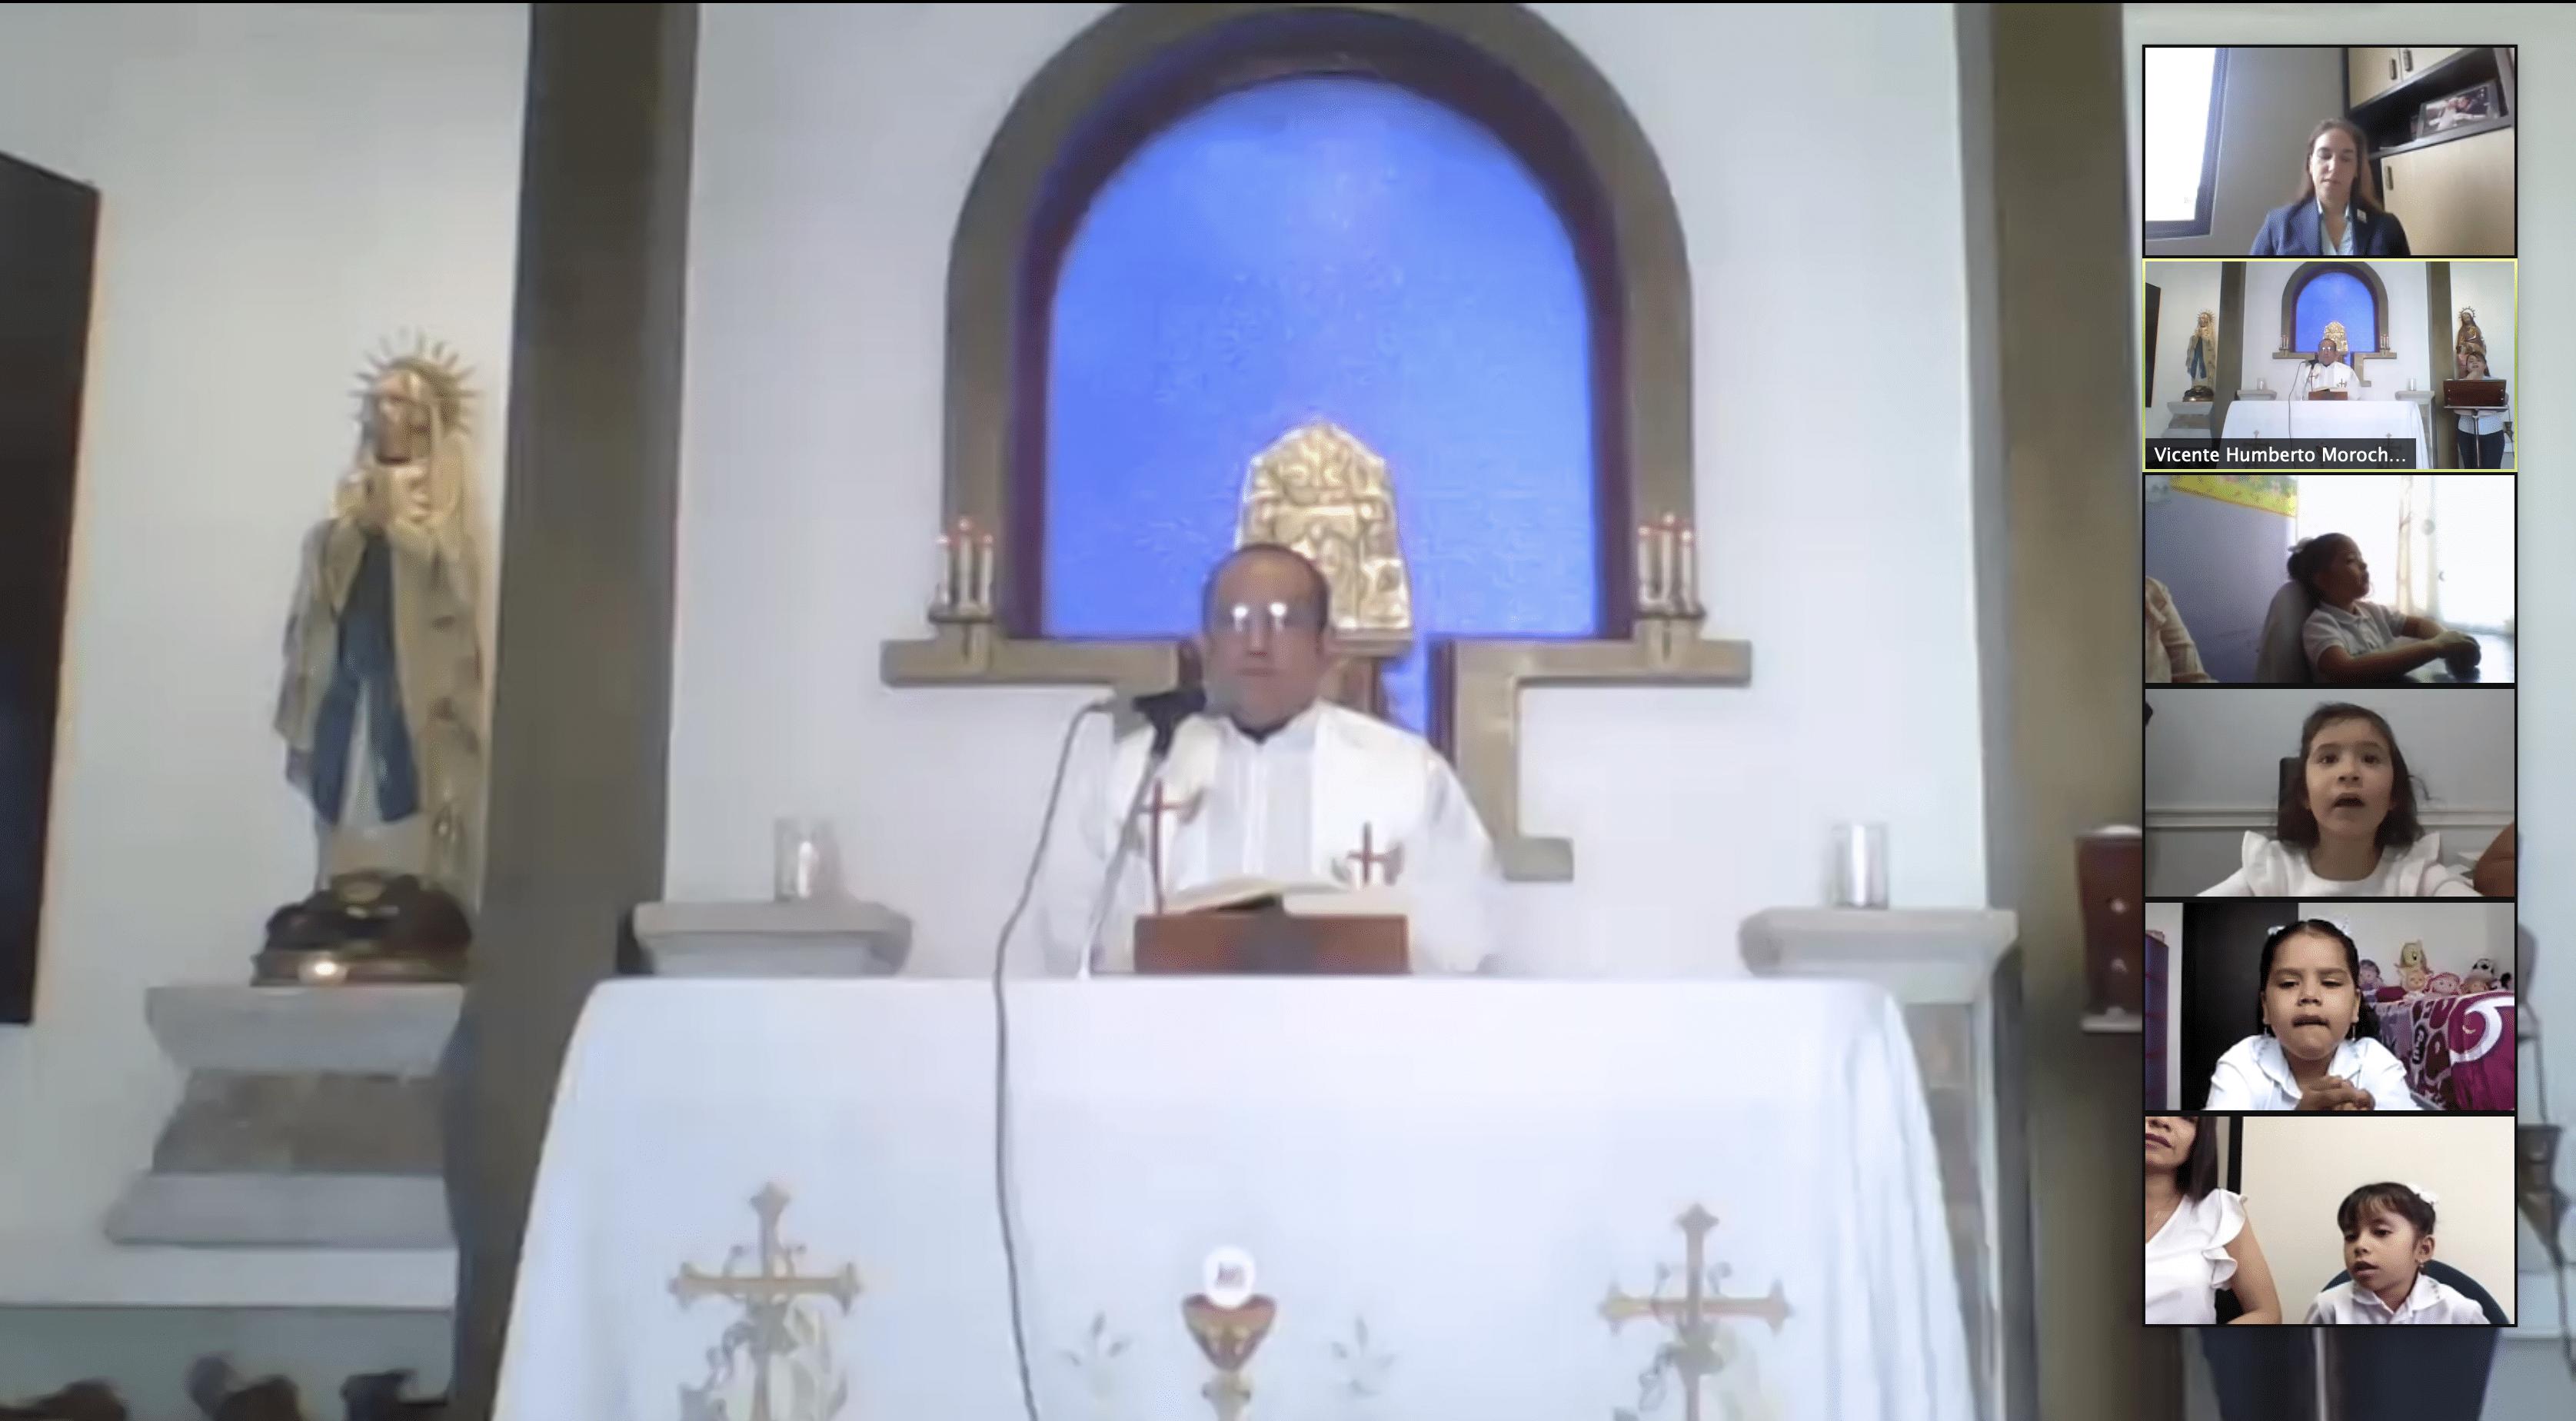 Consagración a la Virgen de Lourdes